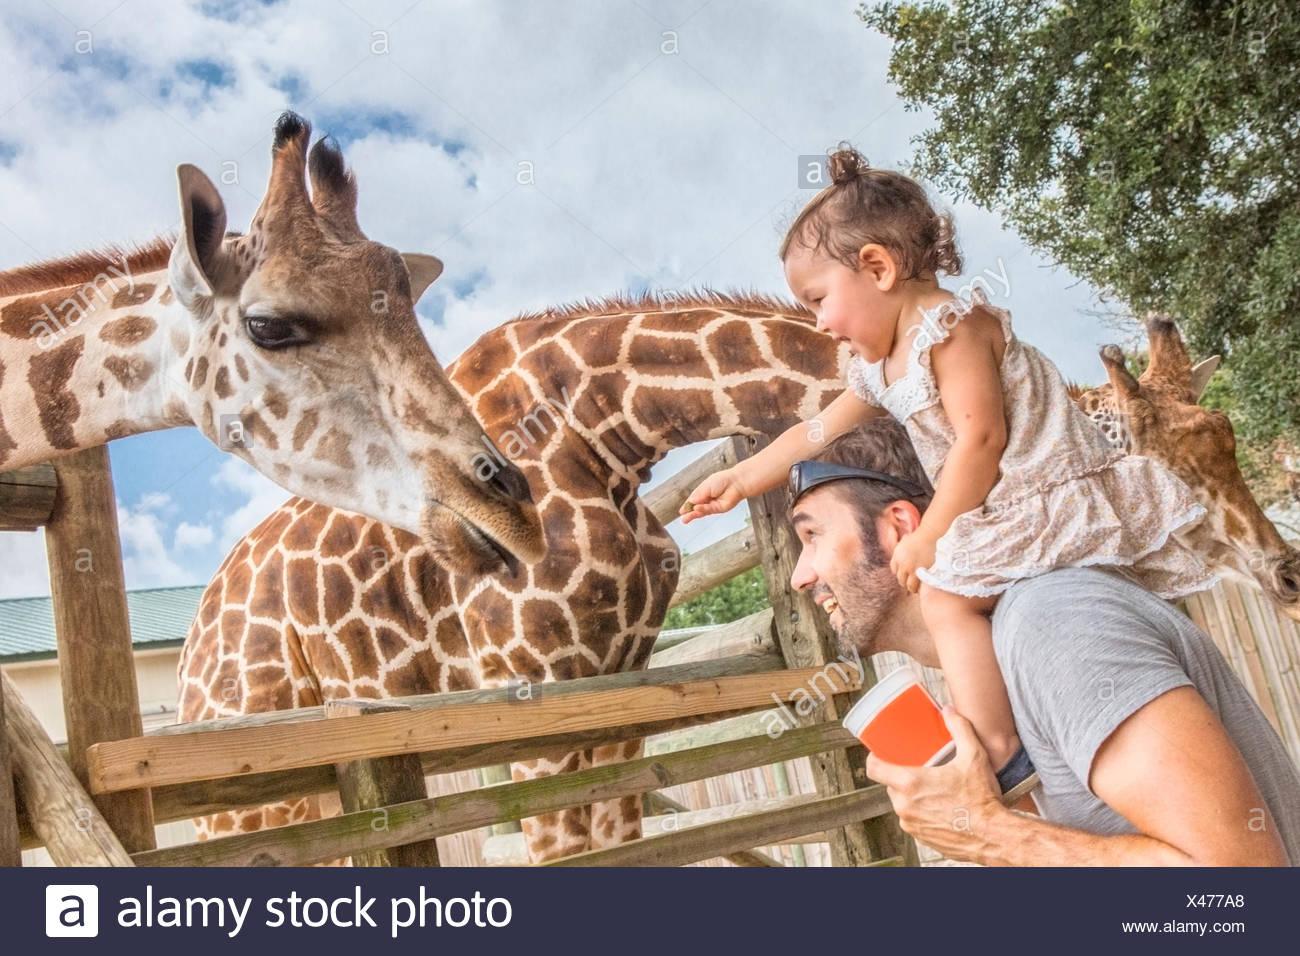 Baby girl sur les épaules des pères girafes au zoo d'alimentation Photo Stock